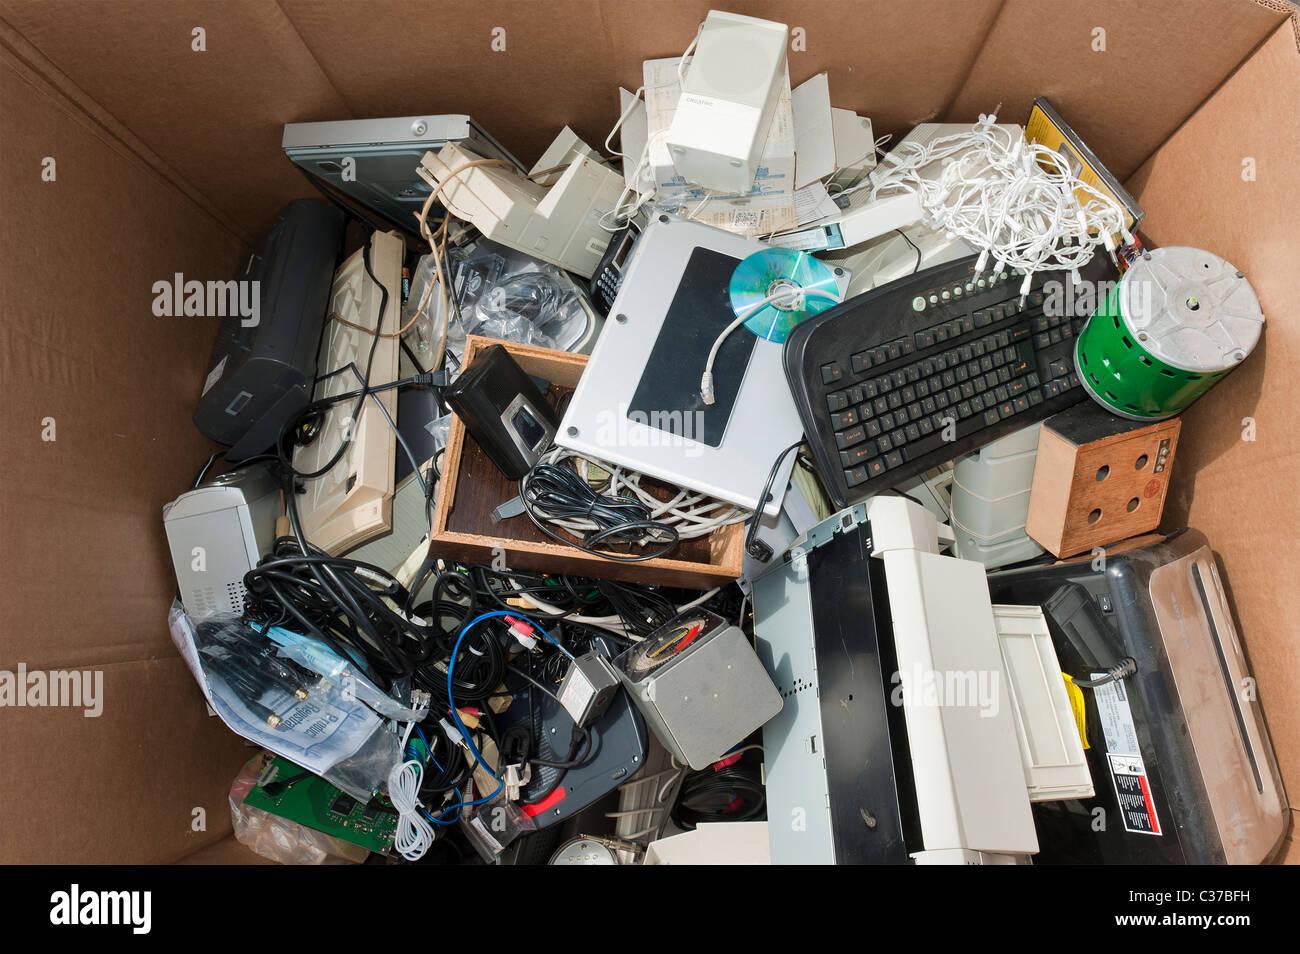 I prodotti elettronici raccolti per il riciclaggio in Santa Barbara a giornata della terra. Immagini Stock